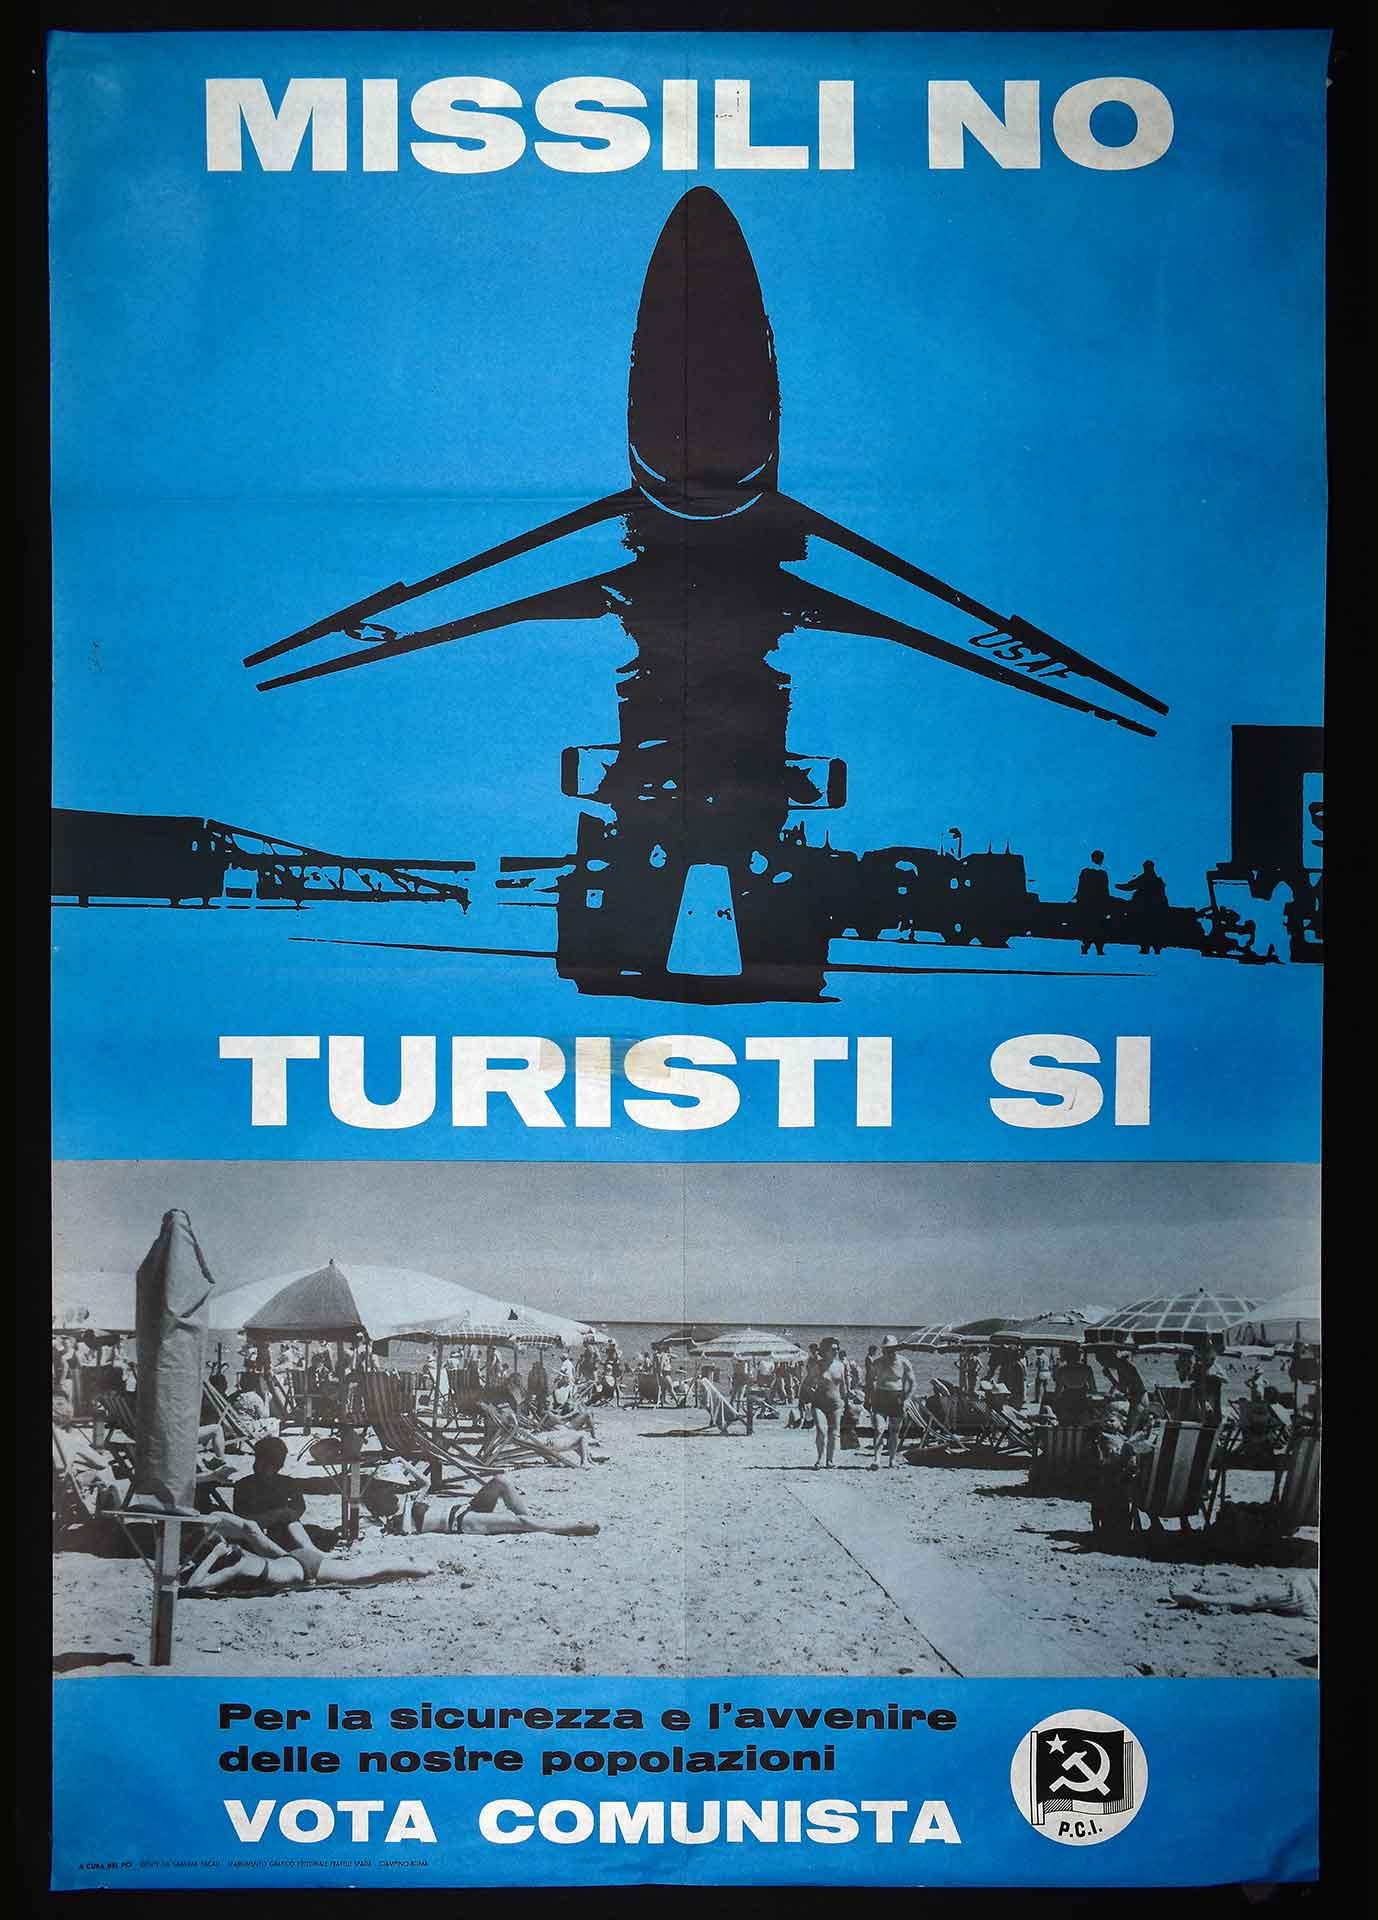 [1980]. Il Partito comunista italiano (PCI) contro l'installazione dei missili nucleari. Stampa Fratelli Spada stabilimento grafico editoriale, Ciampino (Roma). Campagna elettorale.